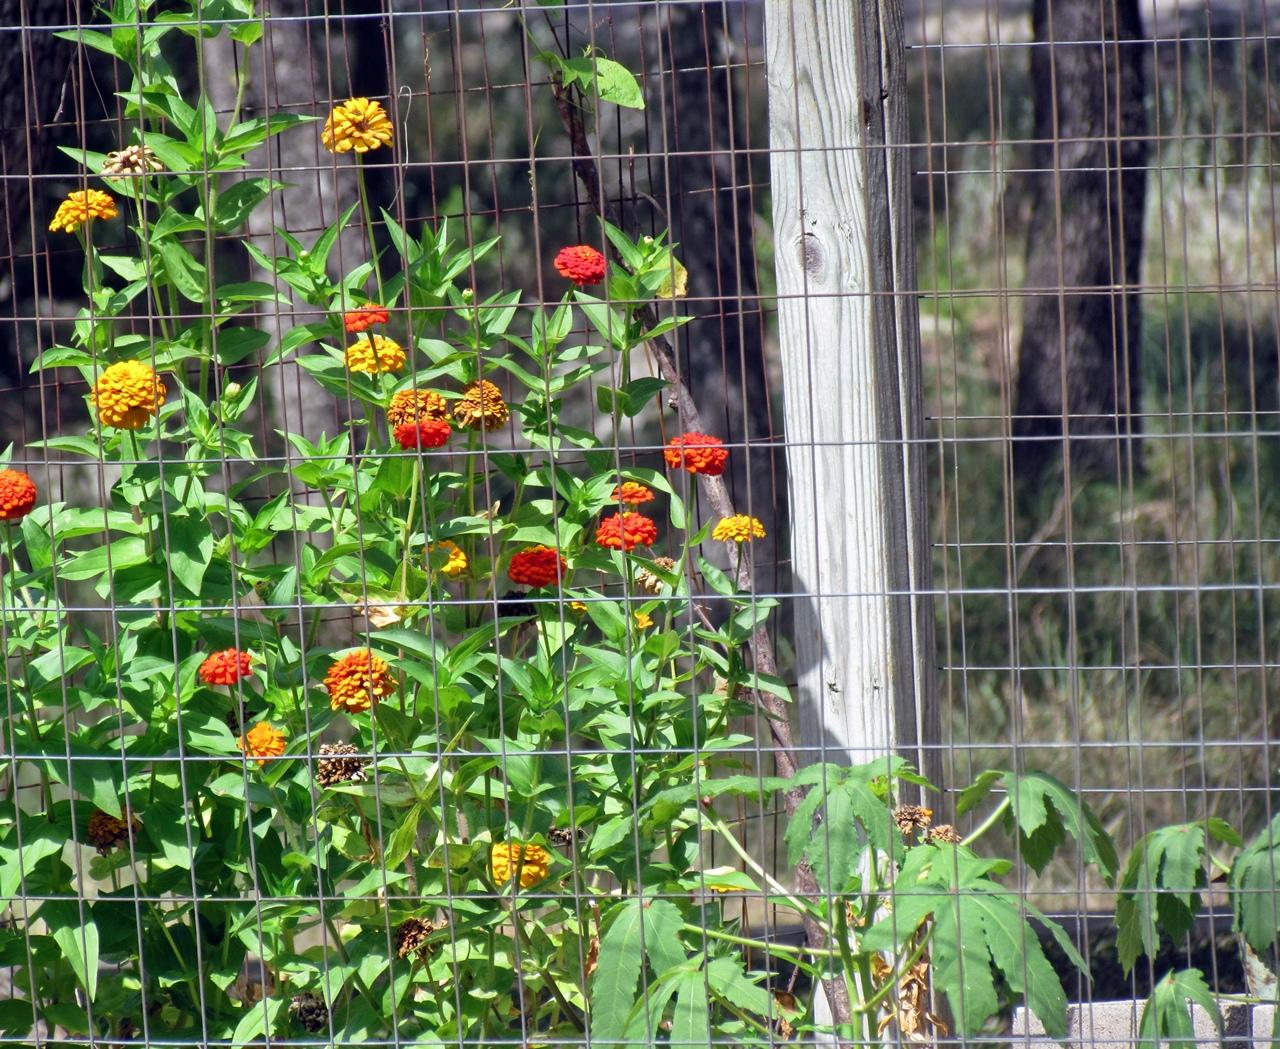 http://4.bp.blogspot.com/-2NDJ_BElm18/UC5h2Z7o1-I/AAAAAAAAHiE/K4a0ozV8Zik/s1600/zinnia+garden.JPG